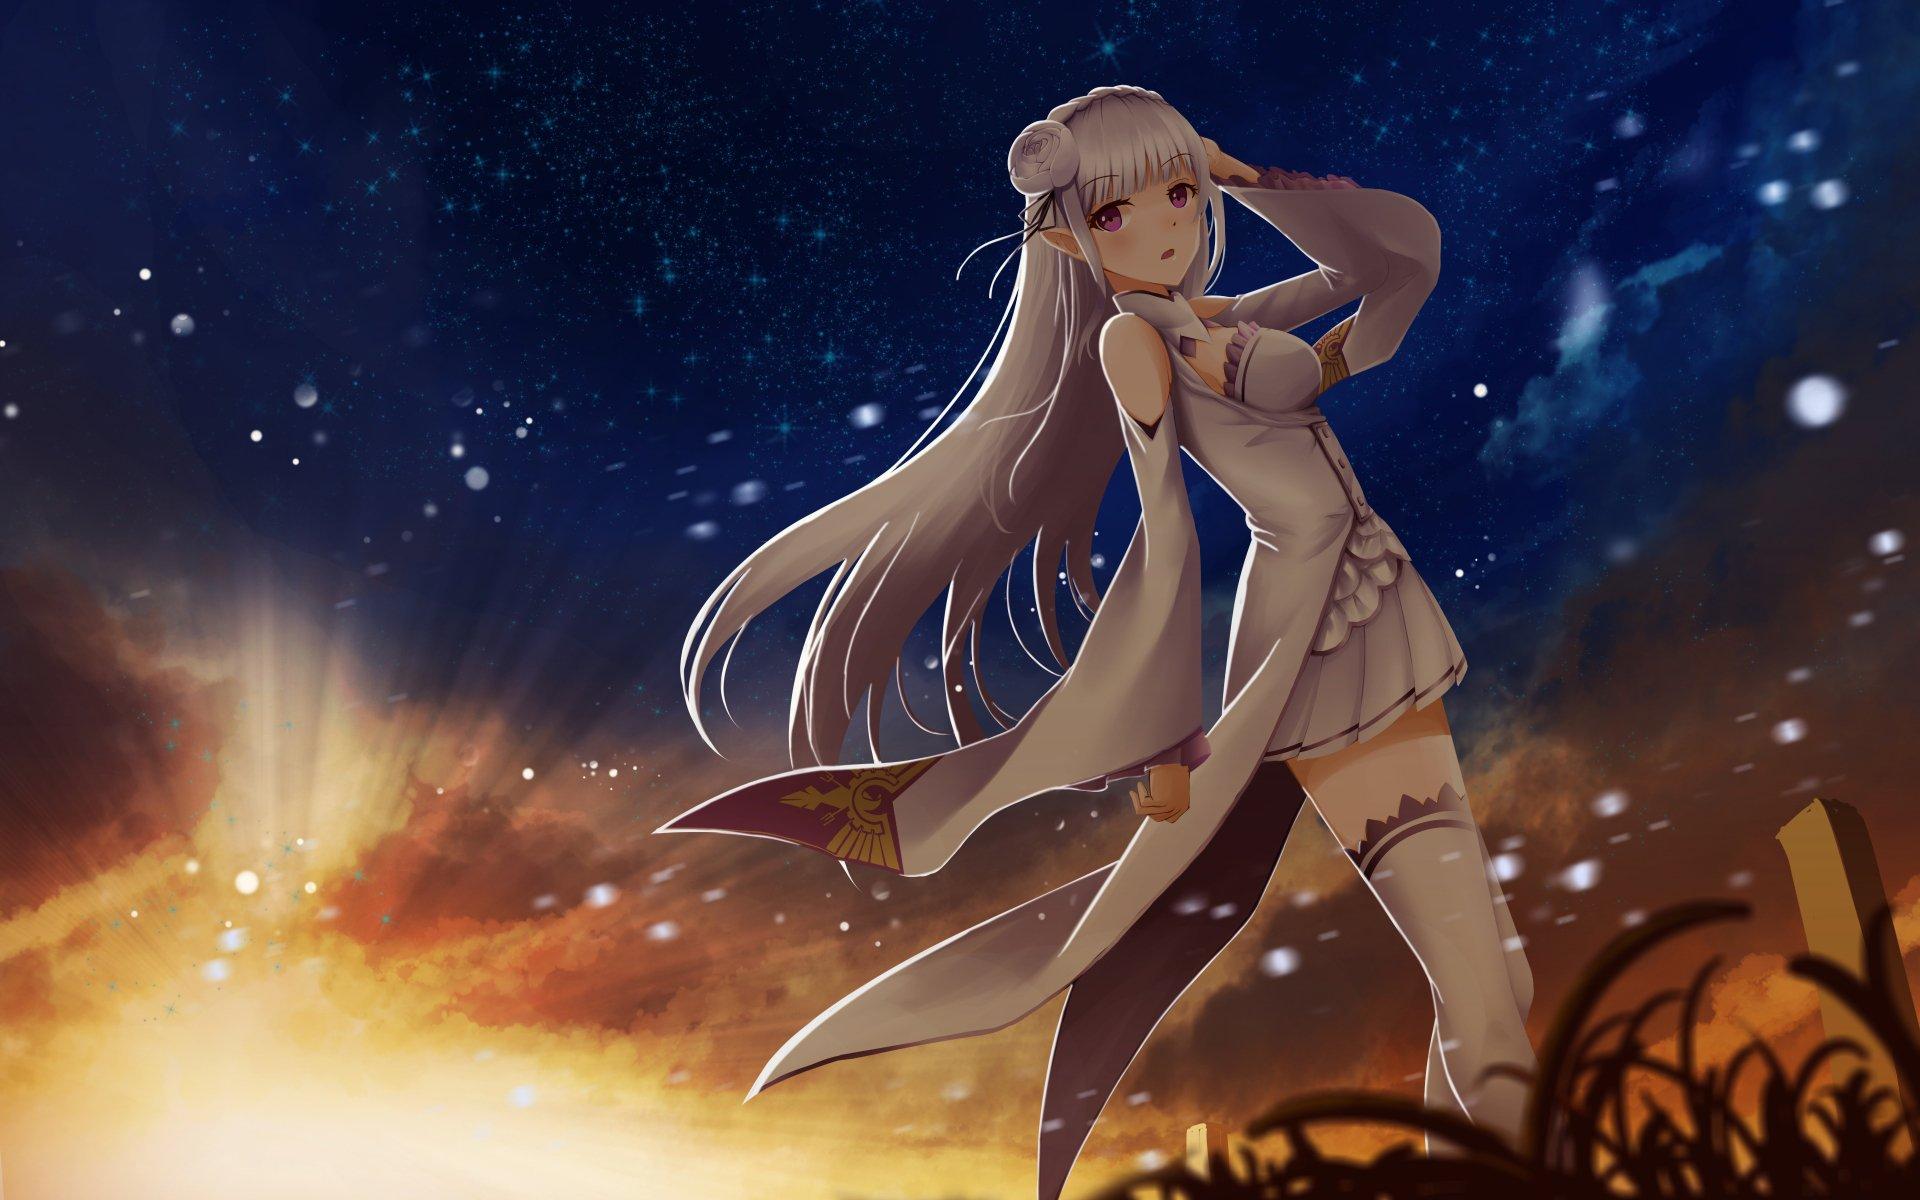 emilia re zero kawai